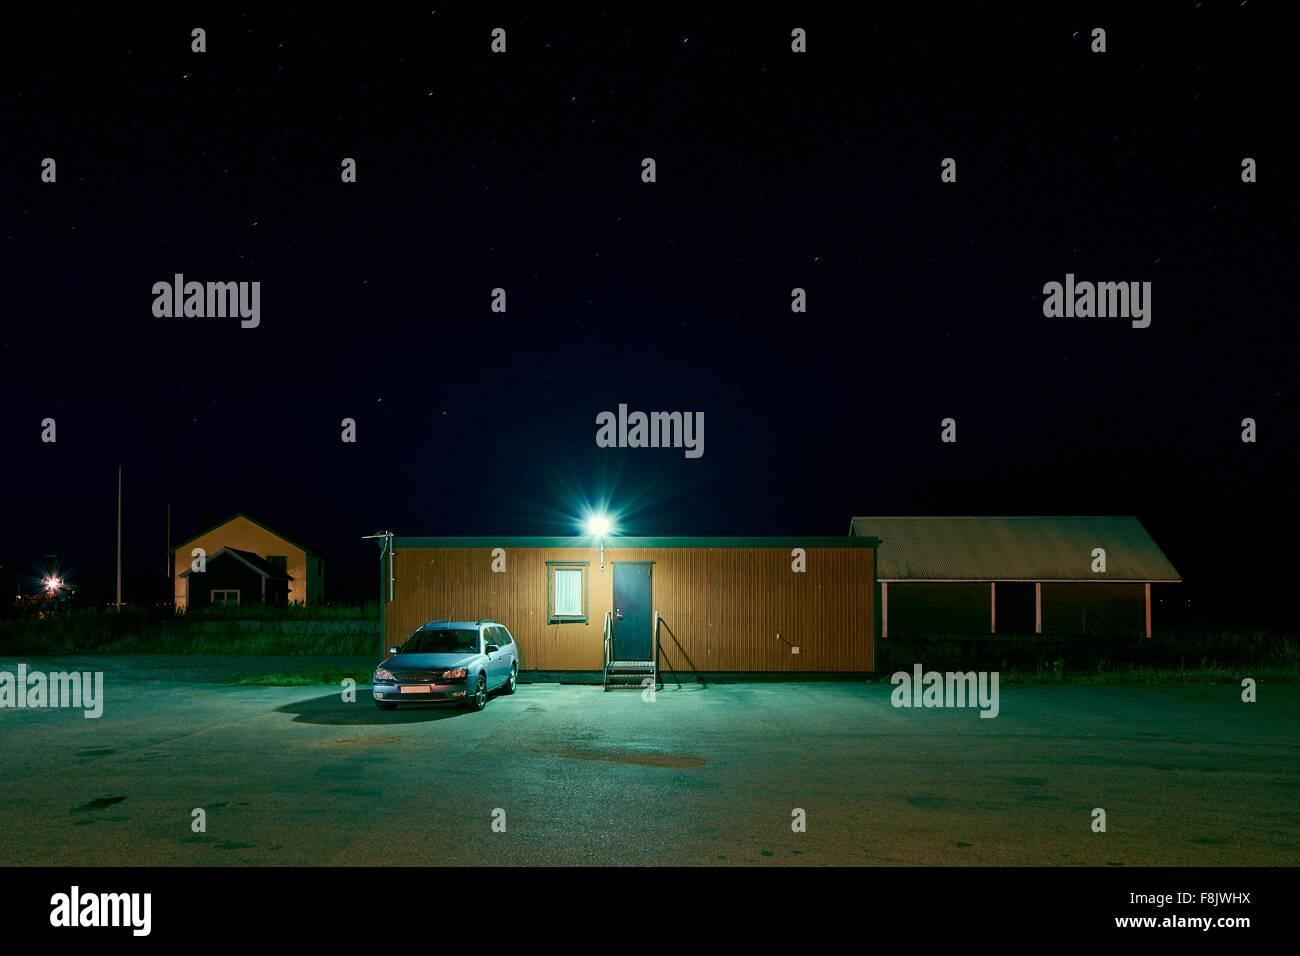 Car parked outside spotlit hut at night, Kalmar, Sweden - Stock Image